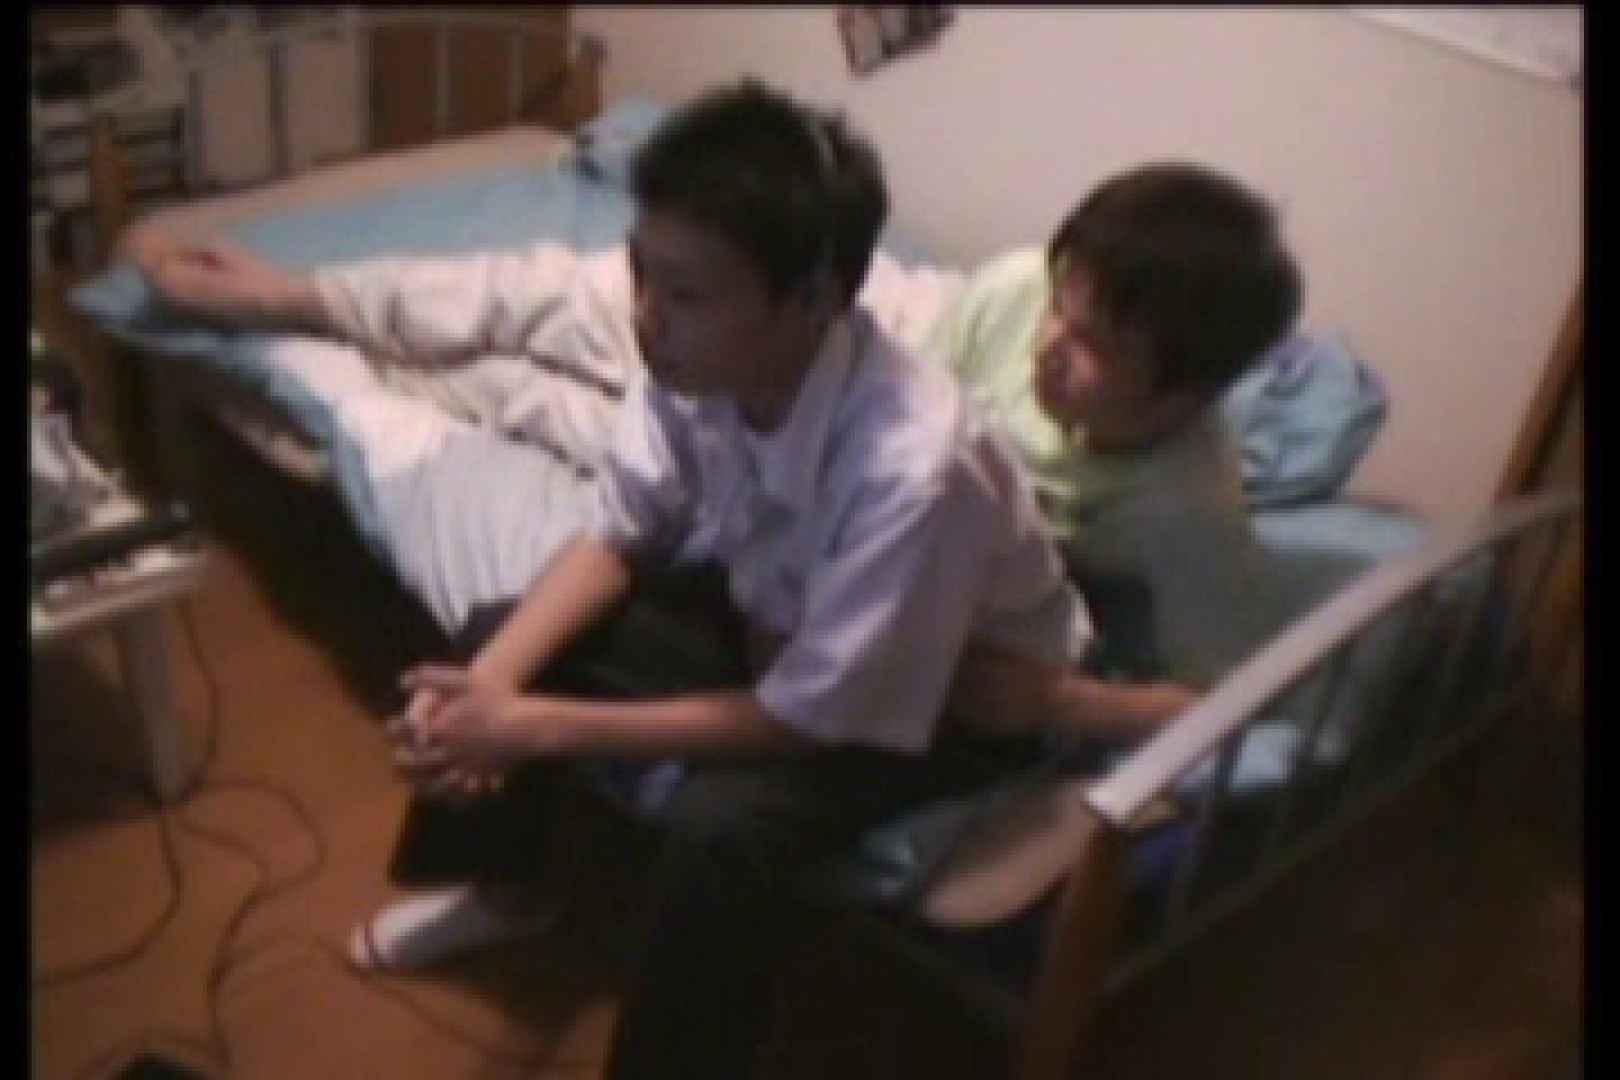 【実録投稿】友達覗撮In my room!! 射精  102pic 3